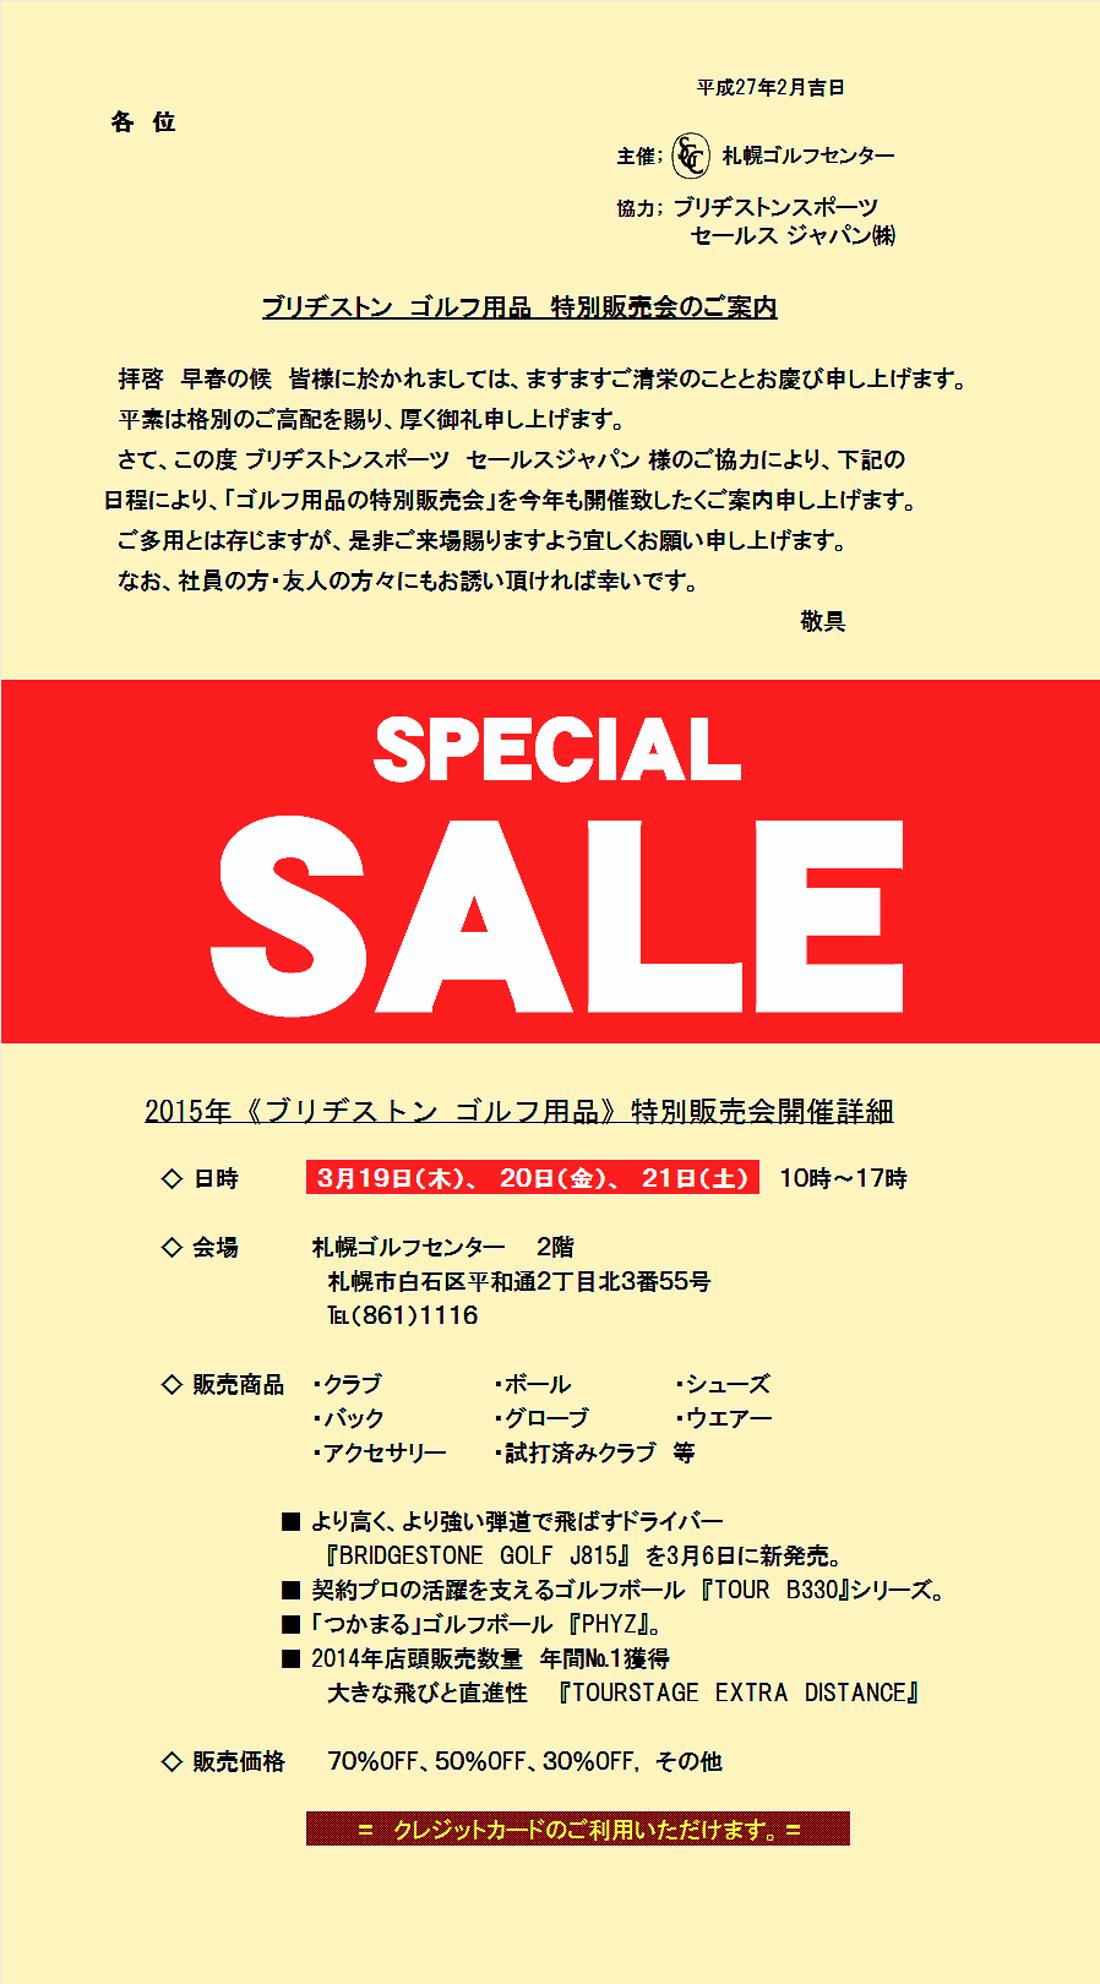 特別販売会 (2)